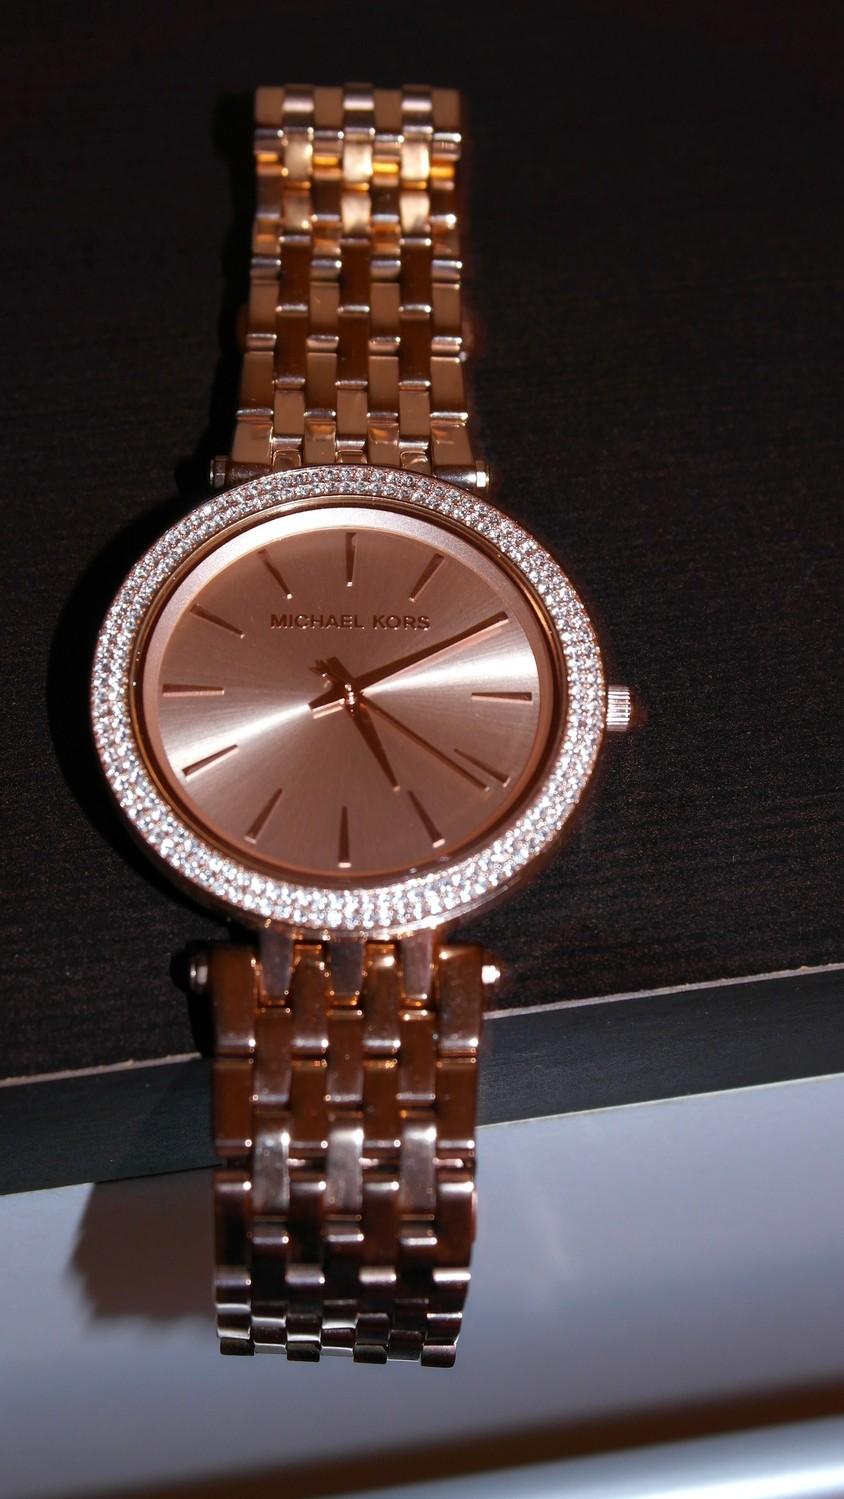 Michael Kors Darci: Feminine Uhr in Roségold für besondere Anlässe! Glänzend schön & mit vielen kleinen Zirkonia Steinen versehen, zieht diese Fashion Uhr alle Blicke auf sich | Hot Port Life & Style | 30+ Style Blog